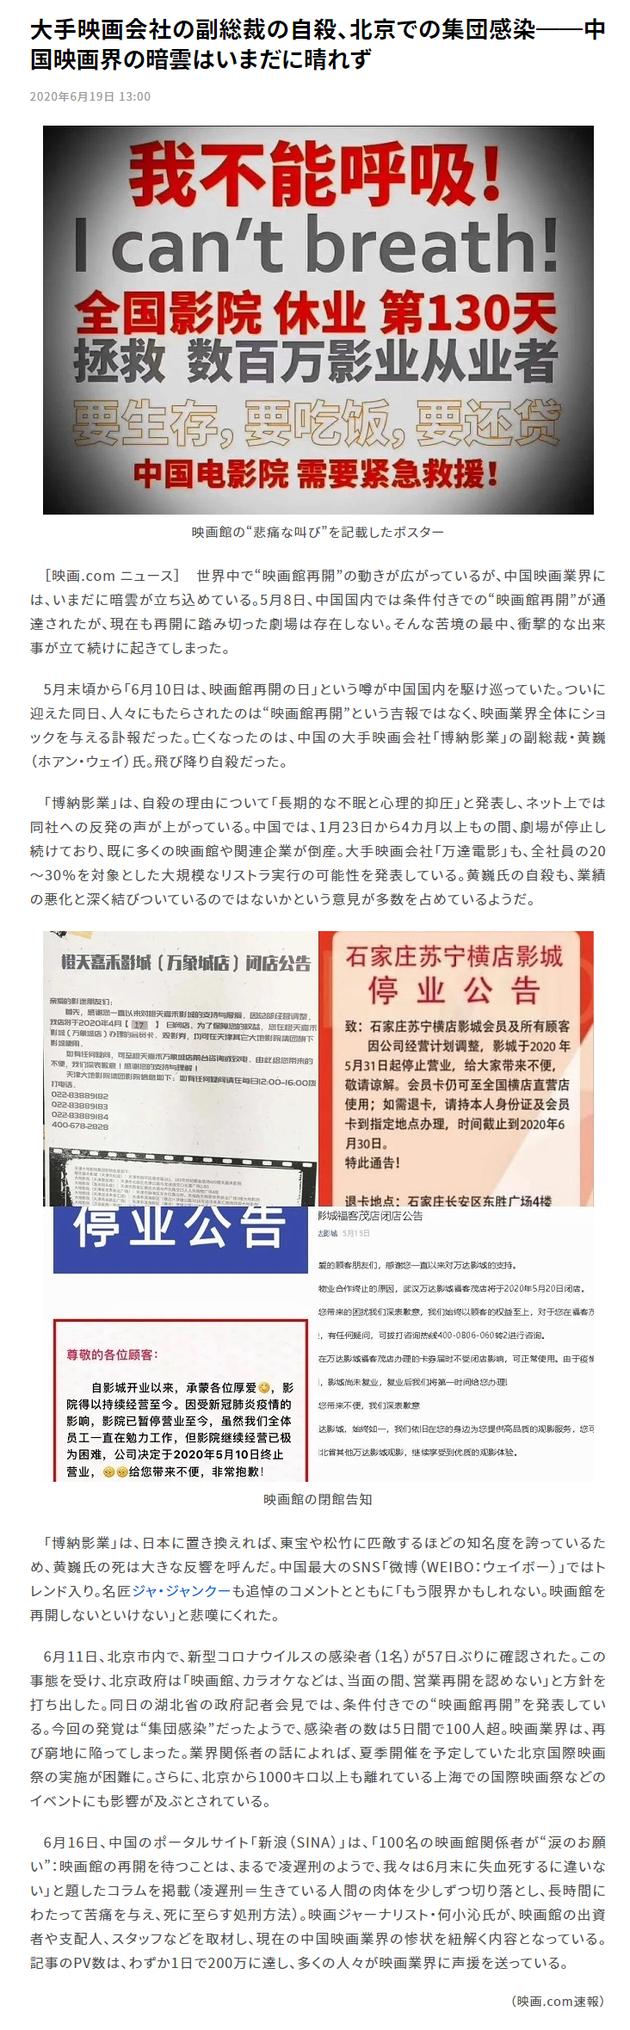 日本媒体关注中国电影 称影院面临艰难困境